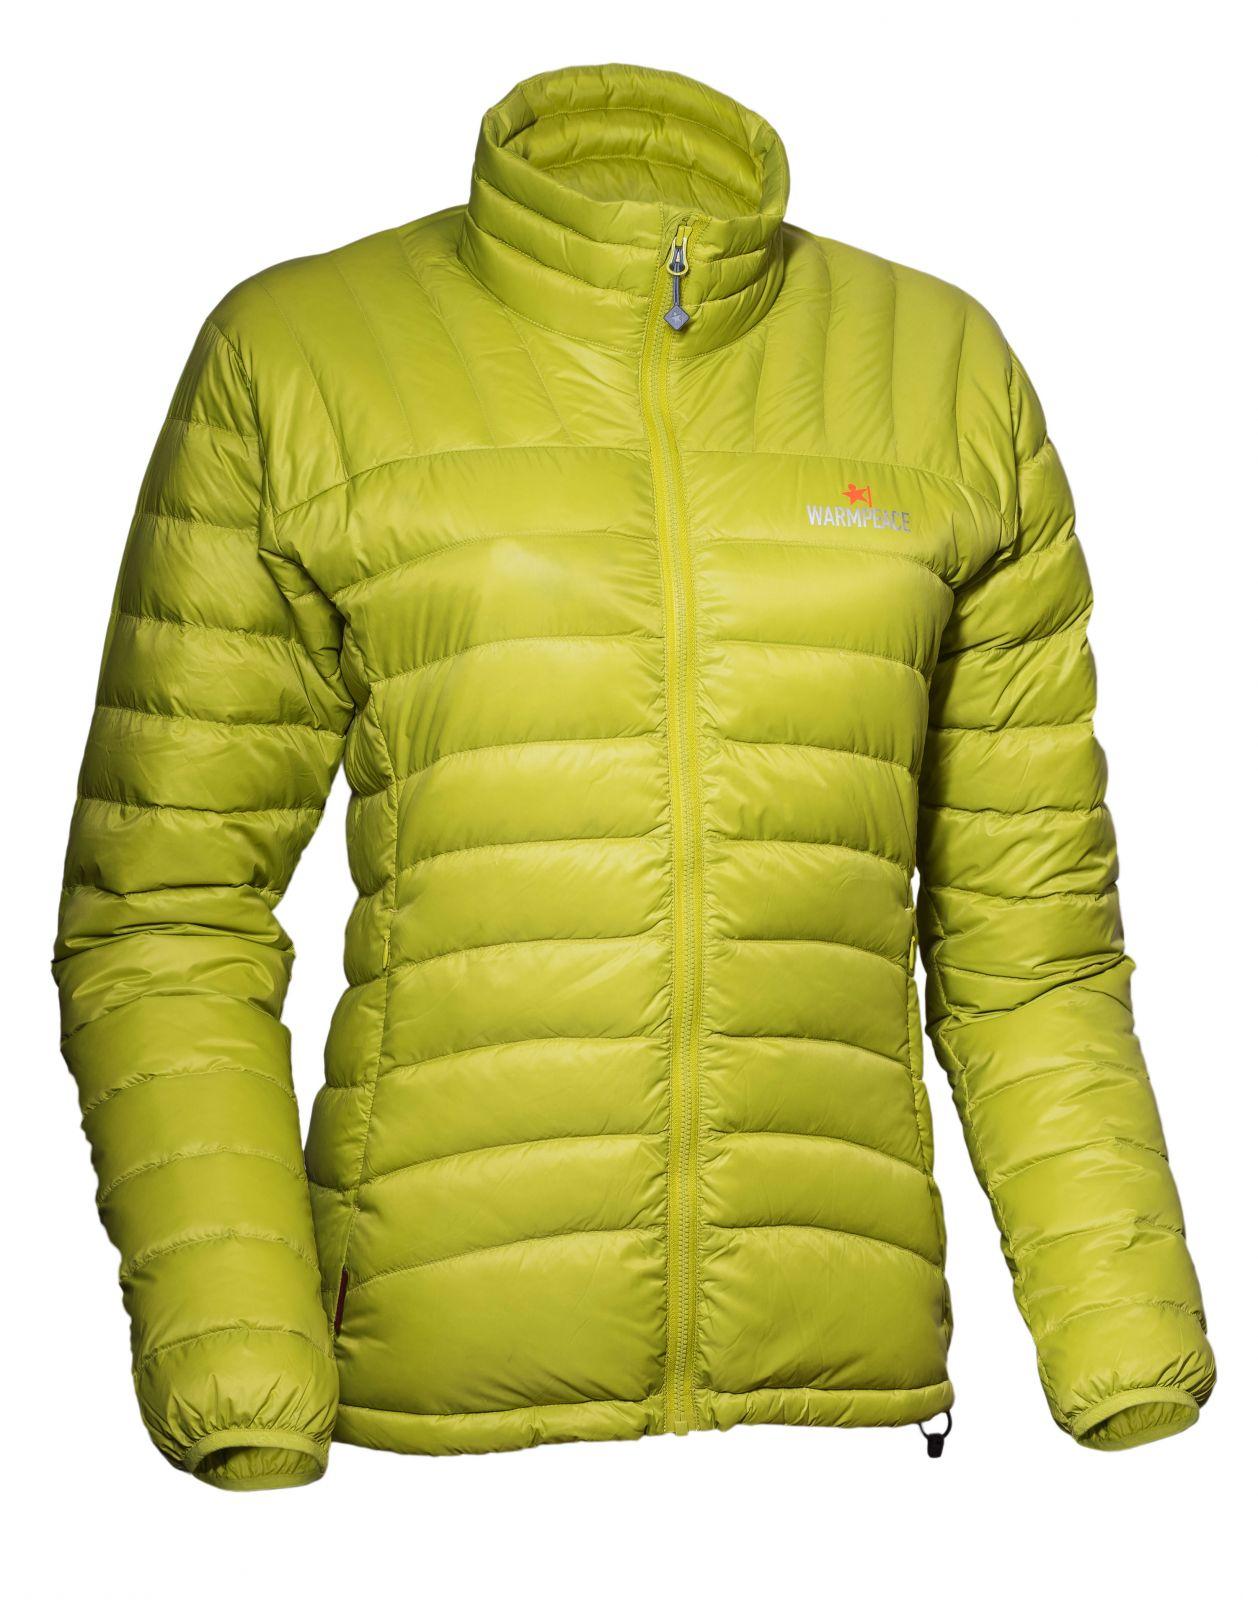 Tazz-Sport - Warmpeace Swing lady péřová bunda citronelle